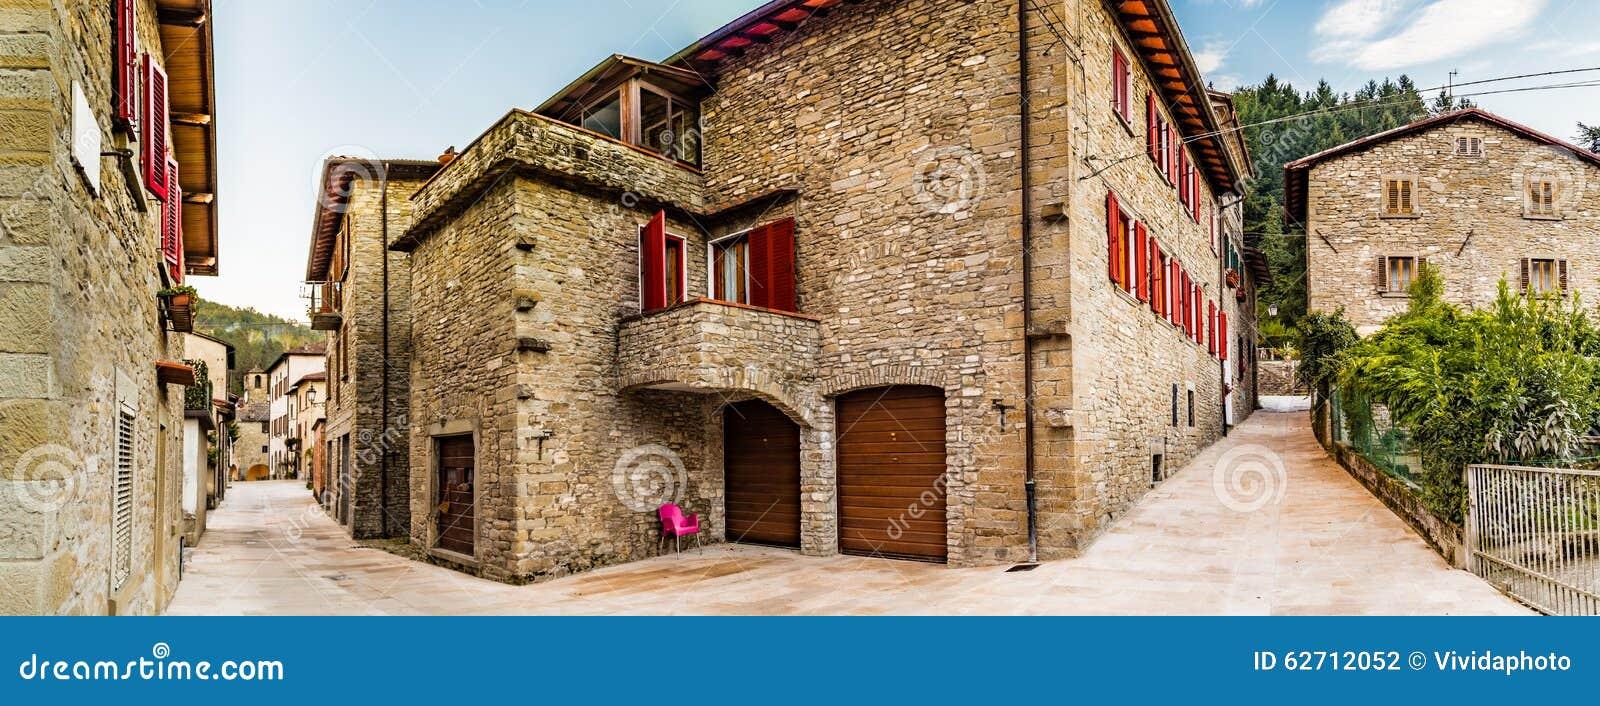 Αλέες του ορεινού χωριού στην Τοσκάνη